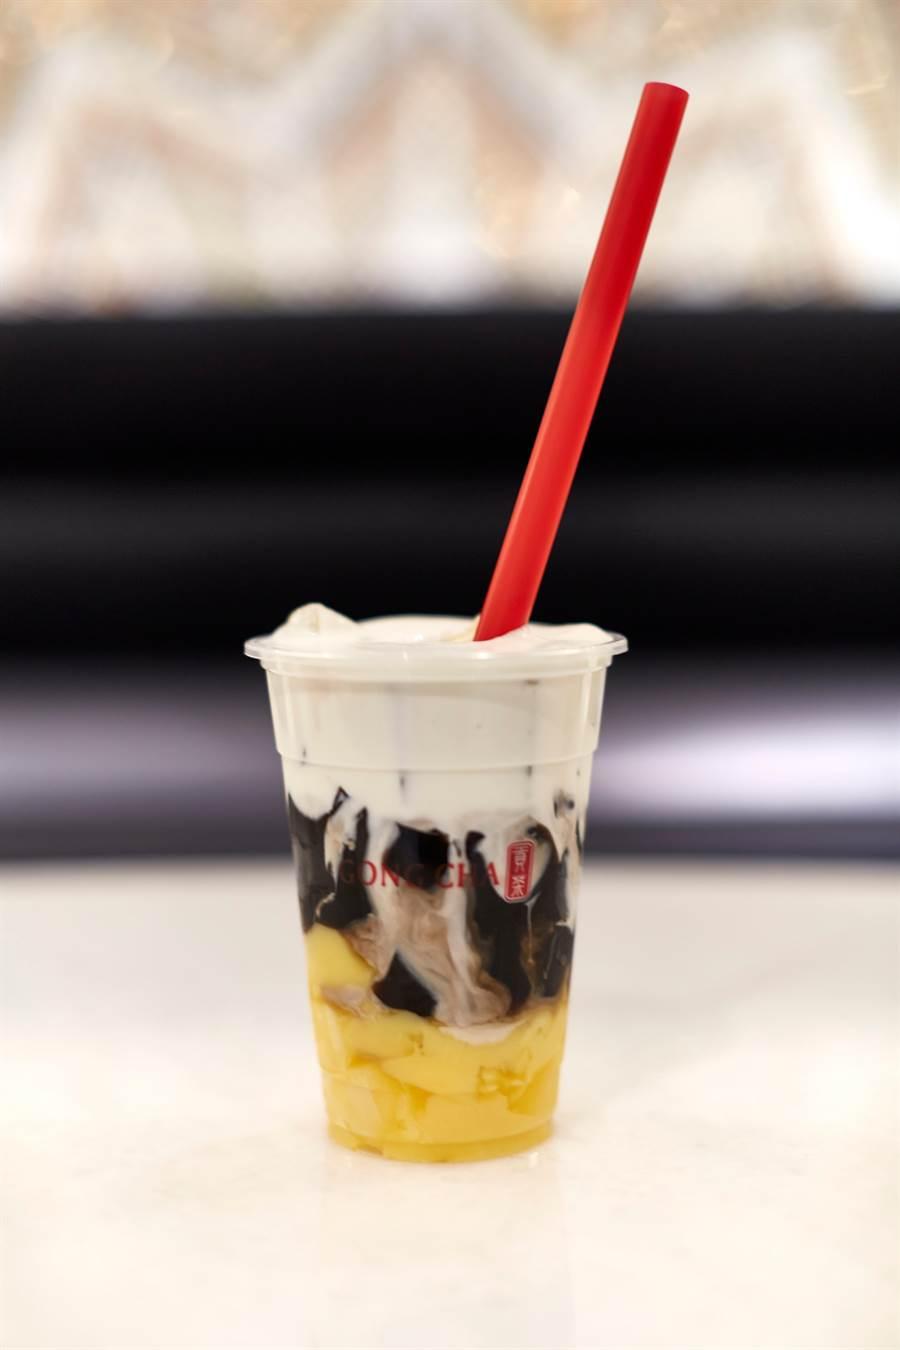 盛世公主號與台灣茶品-貢茶獨家合作的「盛世三重奏」飲品,於旅展前三日前一百名現場排隊並完成個人臉書打卡的民眾,即可獲得兌換券乙張。圖:業者提供